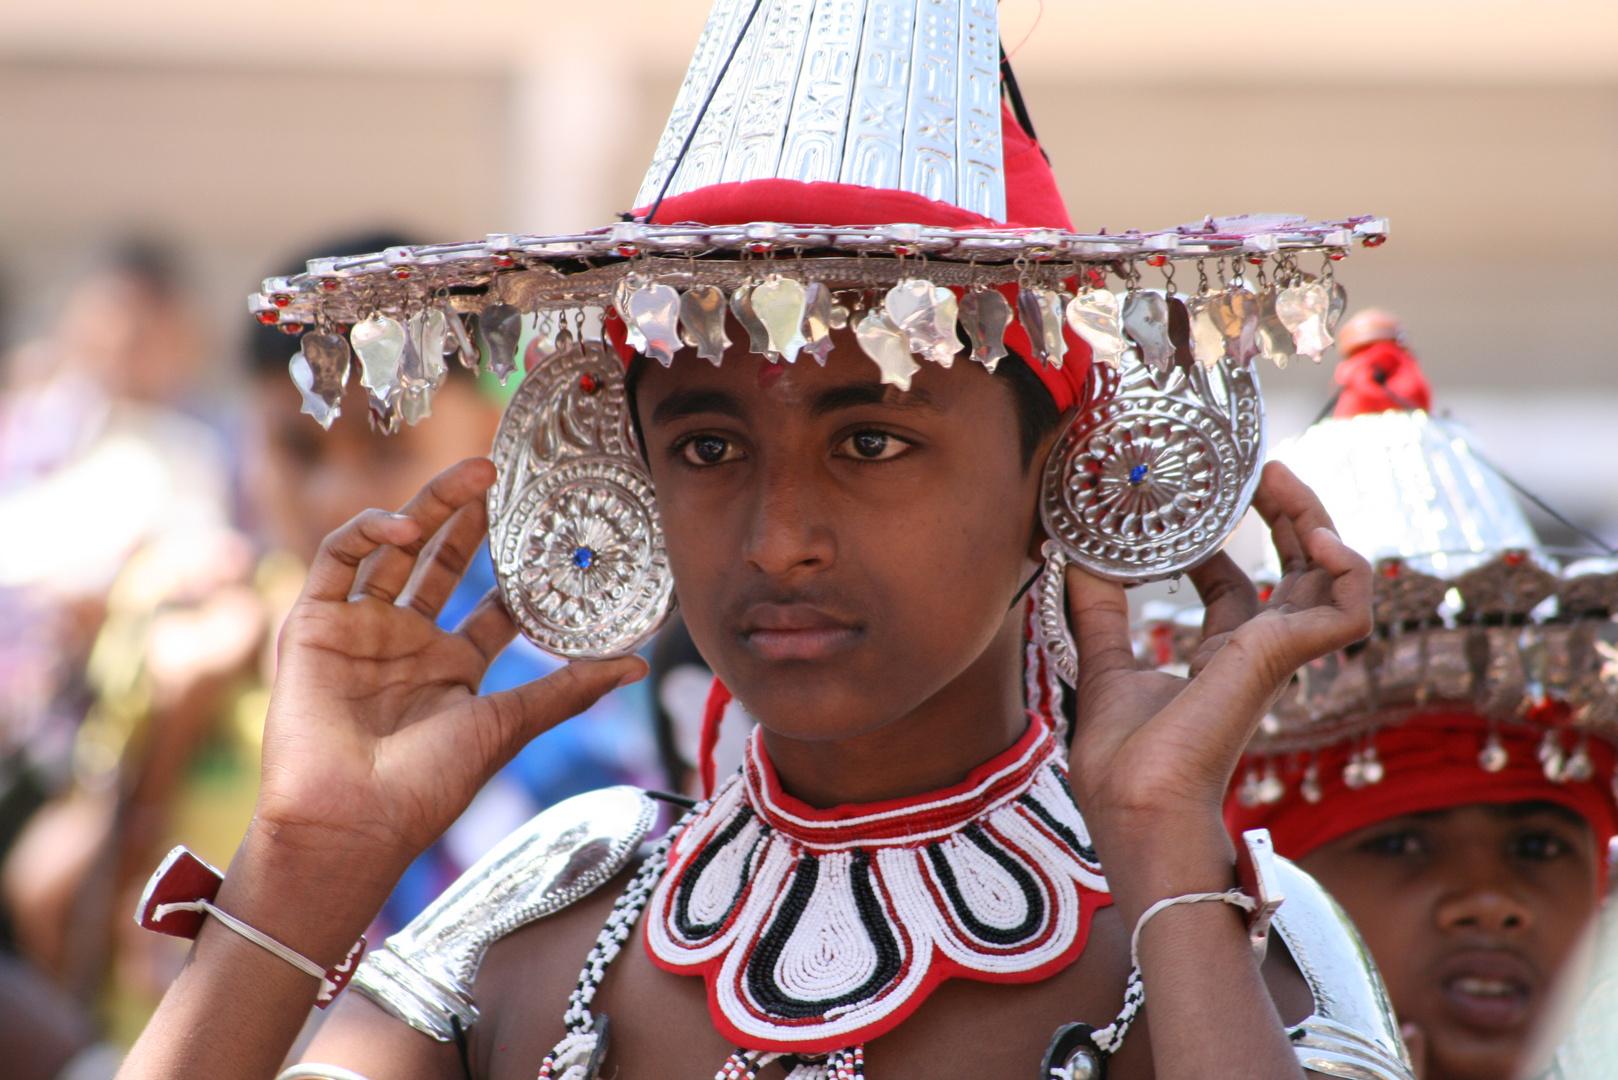 Tänzer in Sri Lanka